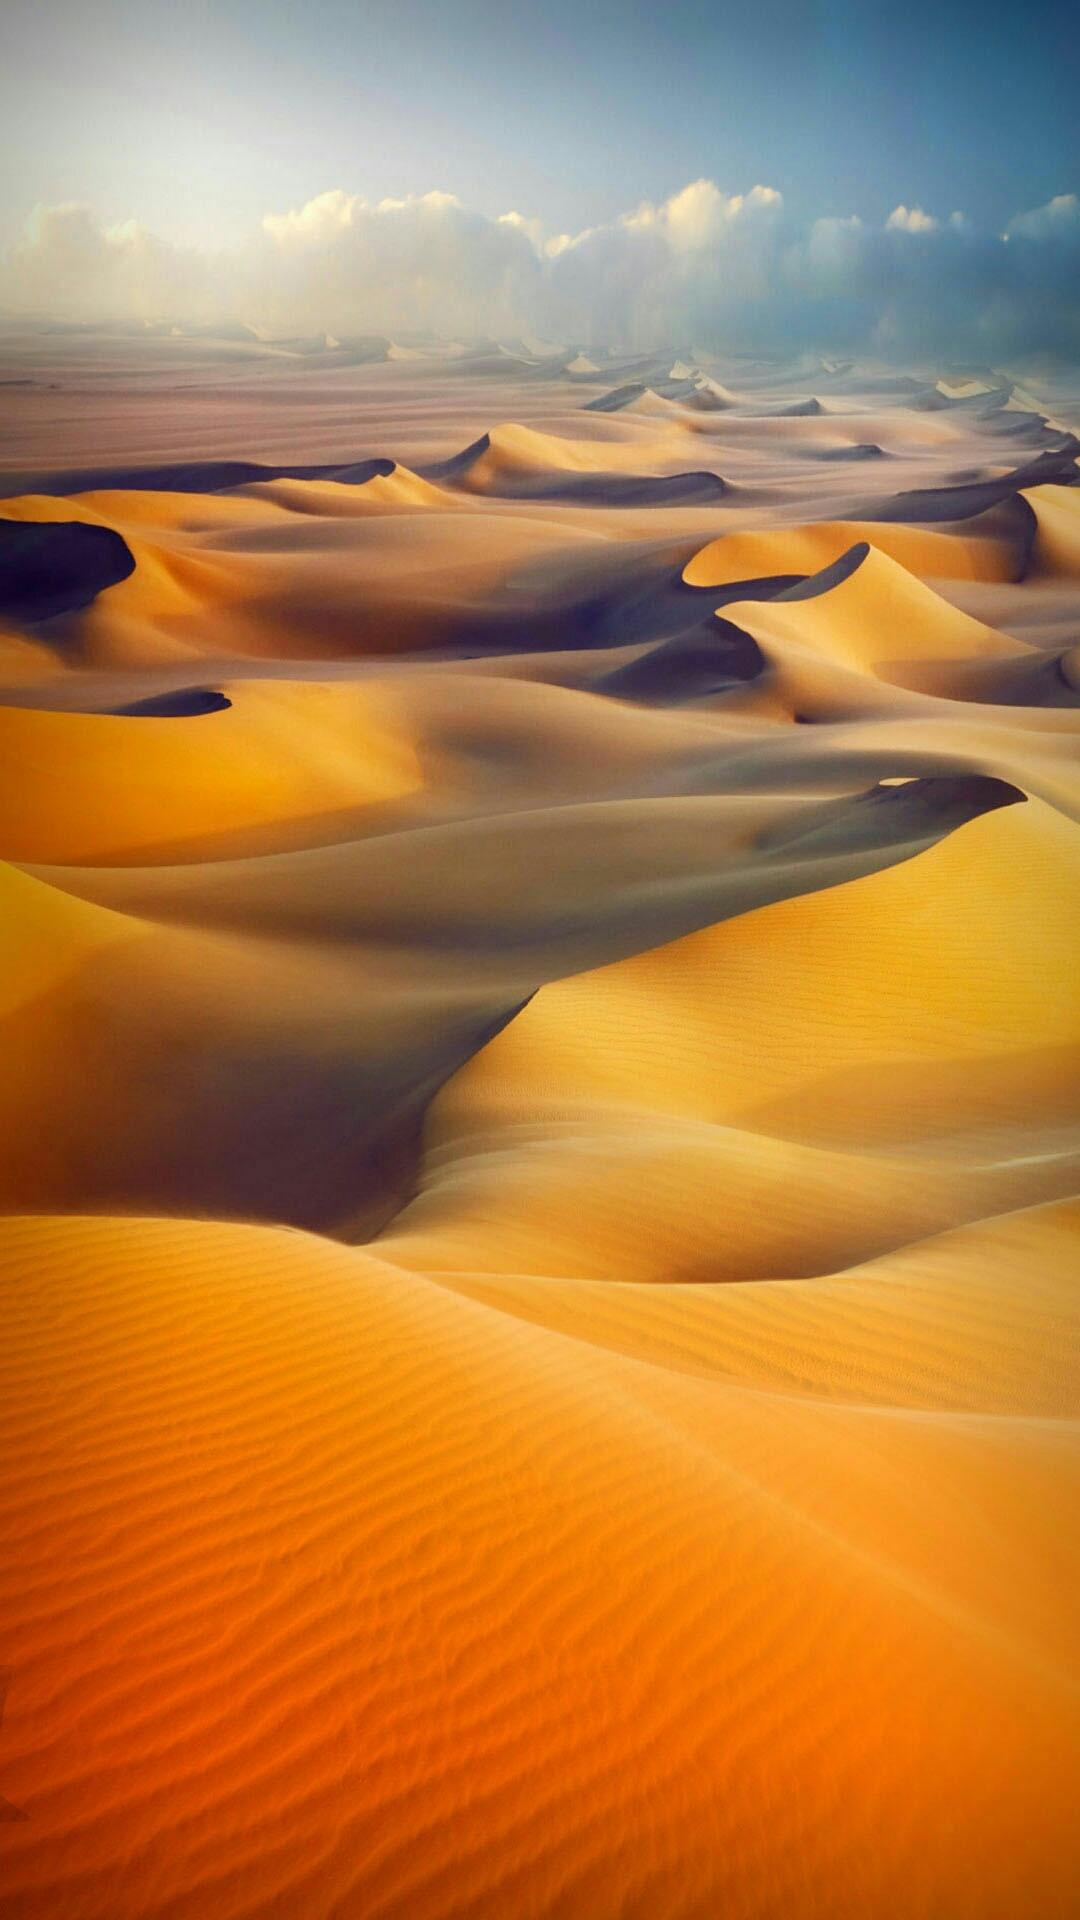 壁纸 沙漠 桌面 1080_1920 竖版 竖屏 手机